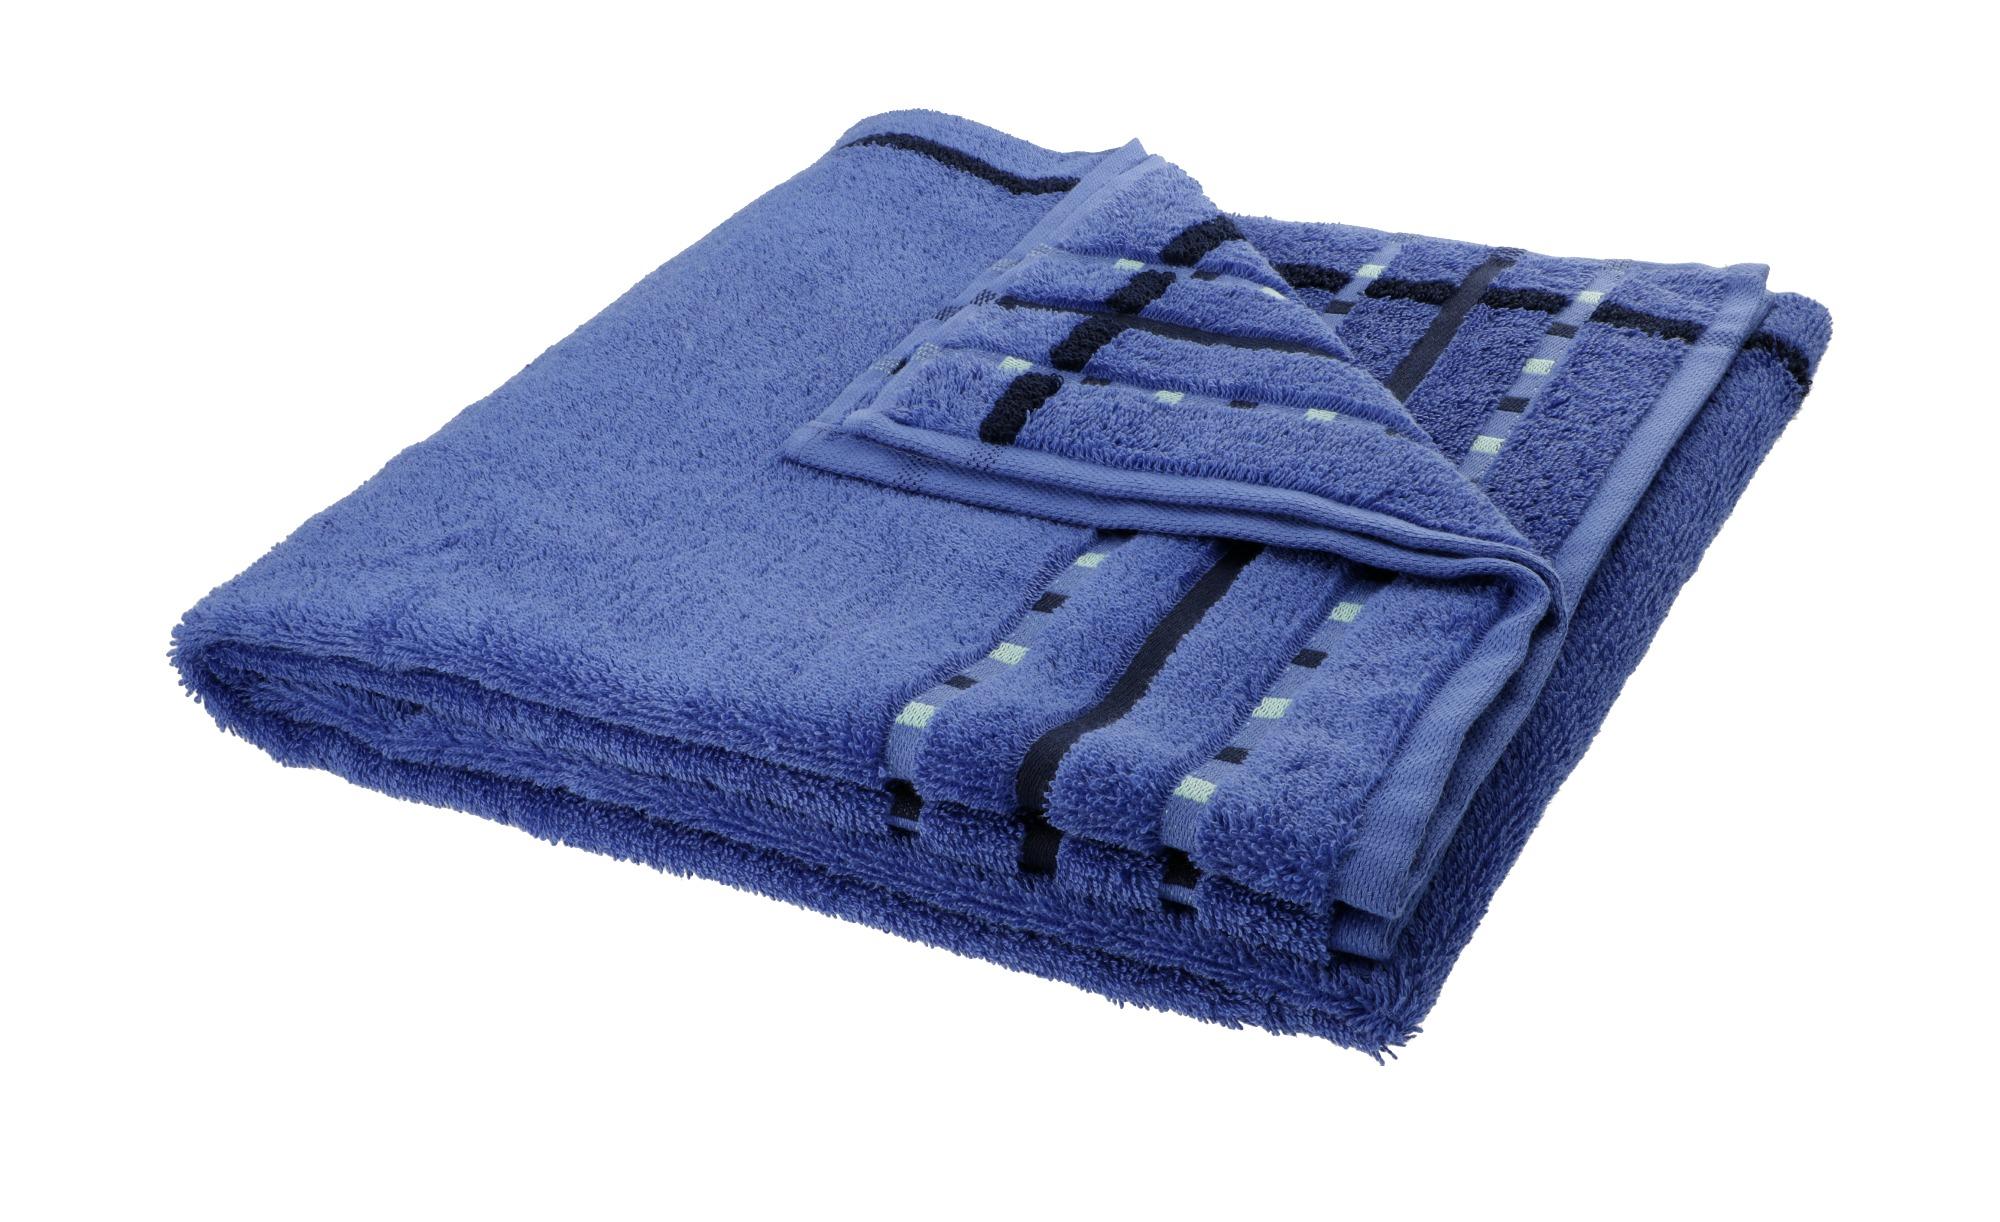 VOSSEN Duschtuch  Atletico ¦ blau ¦ 100% Baumwolle ¦ Maße (cm): B: 67 Badtextilien und Zubehör > Handtücher & Badetücher > Duschtücher - Höffner